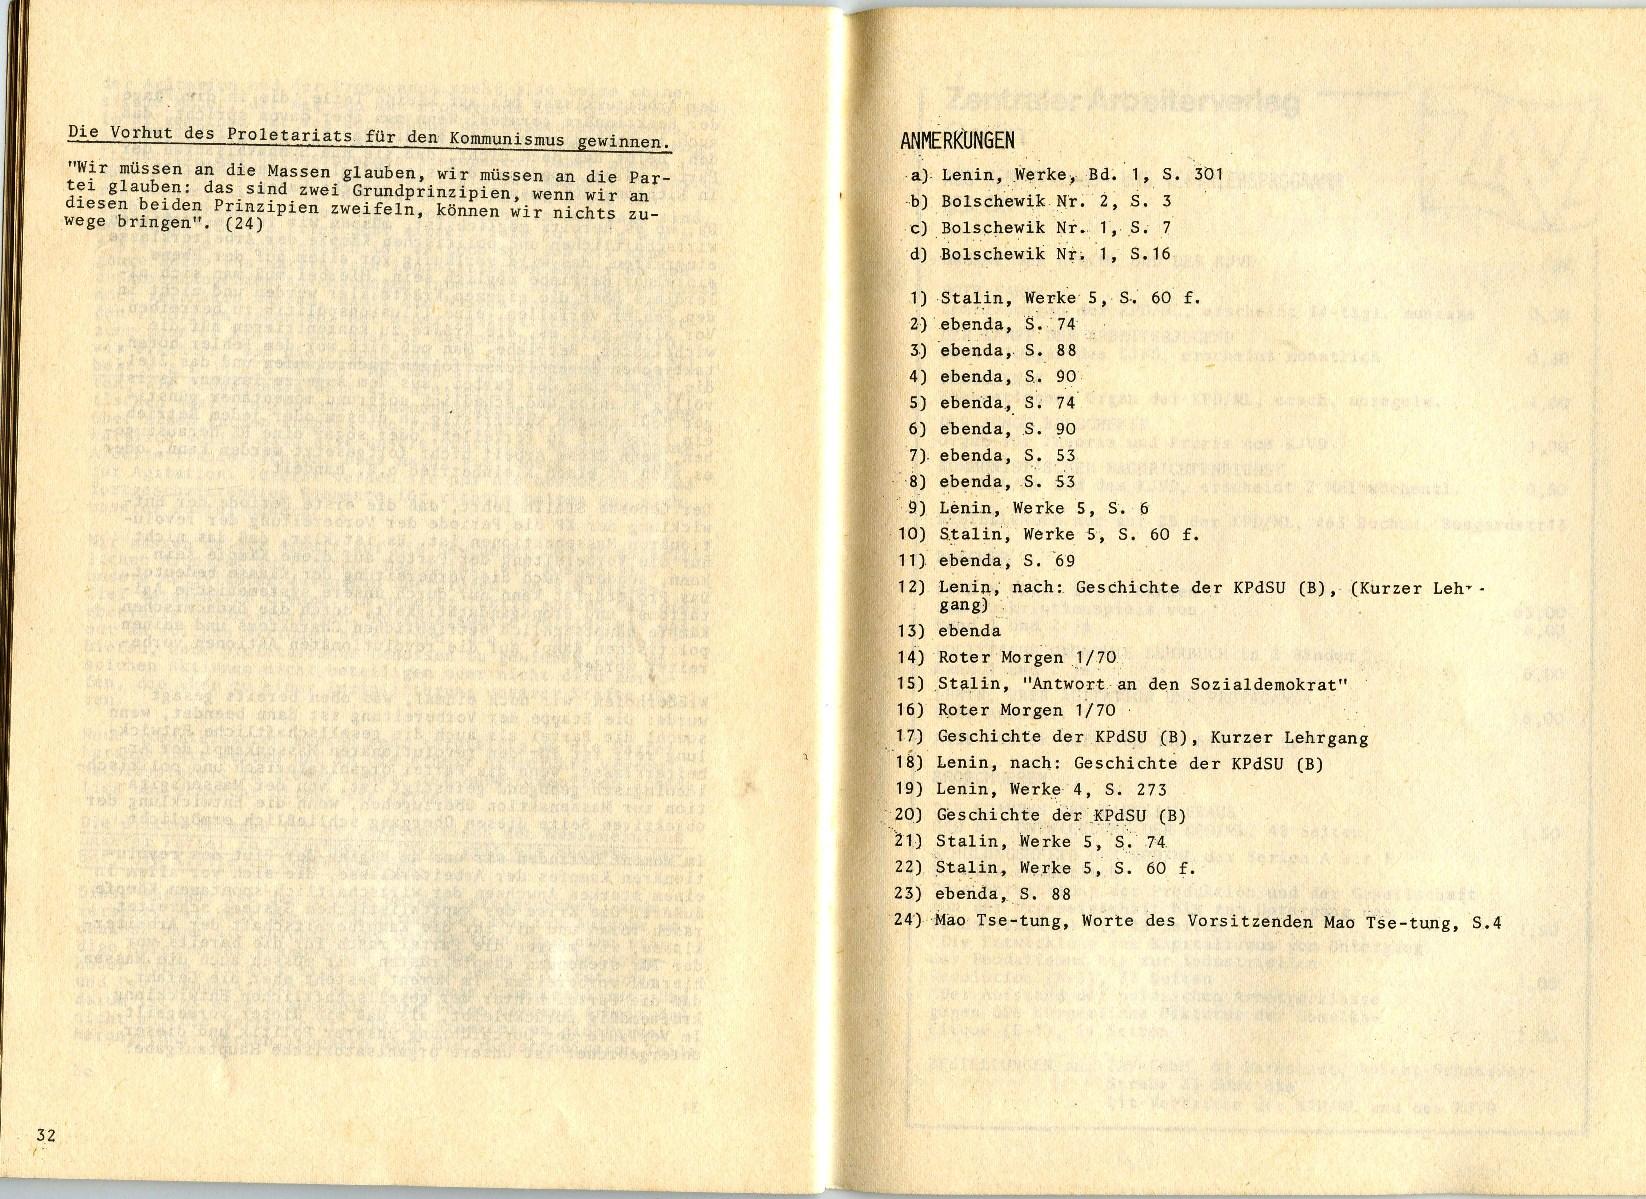 ZB_Etappen_Parteiaufbau_1971_23